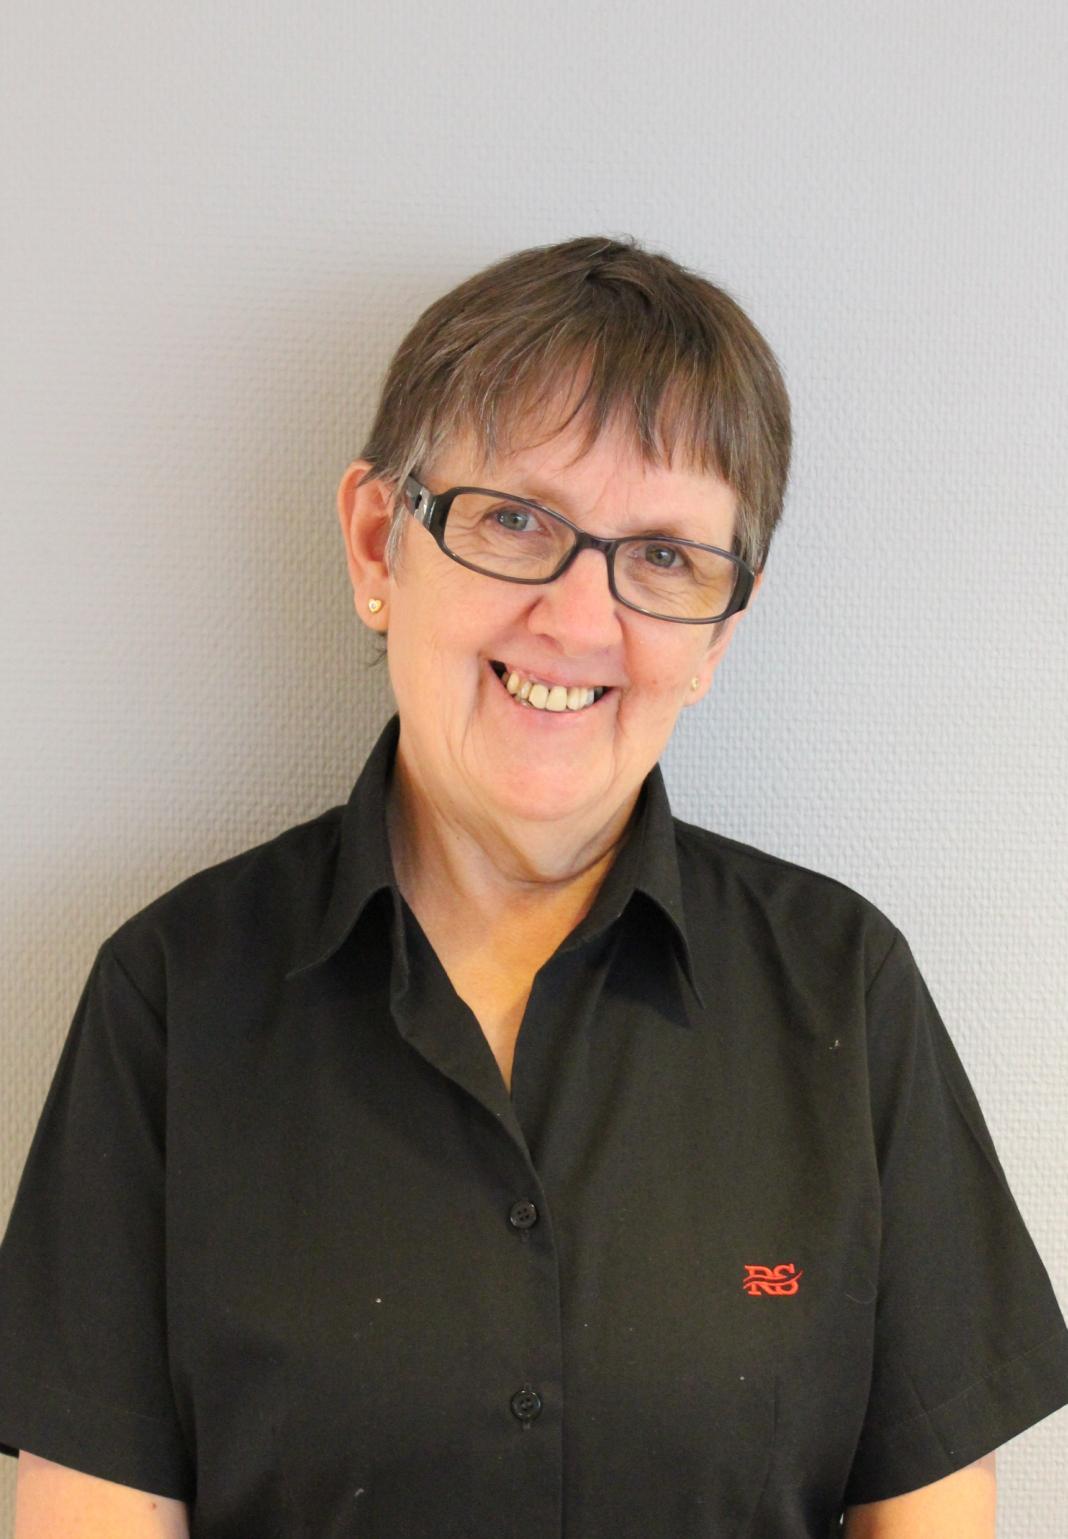 Lisbeth Svensson våra medarbetare